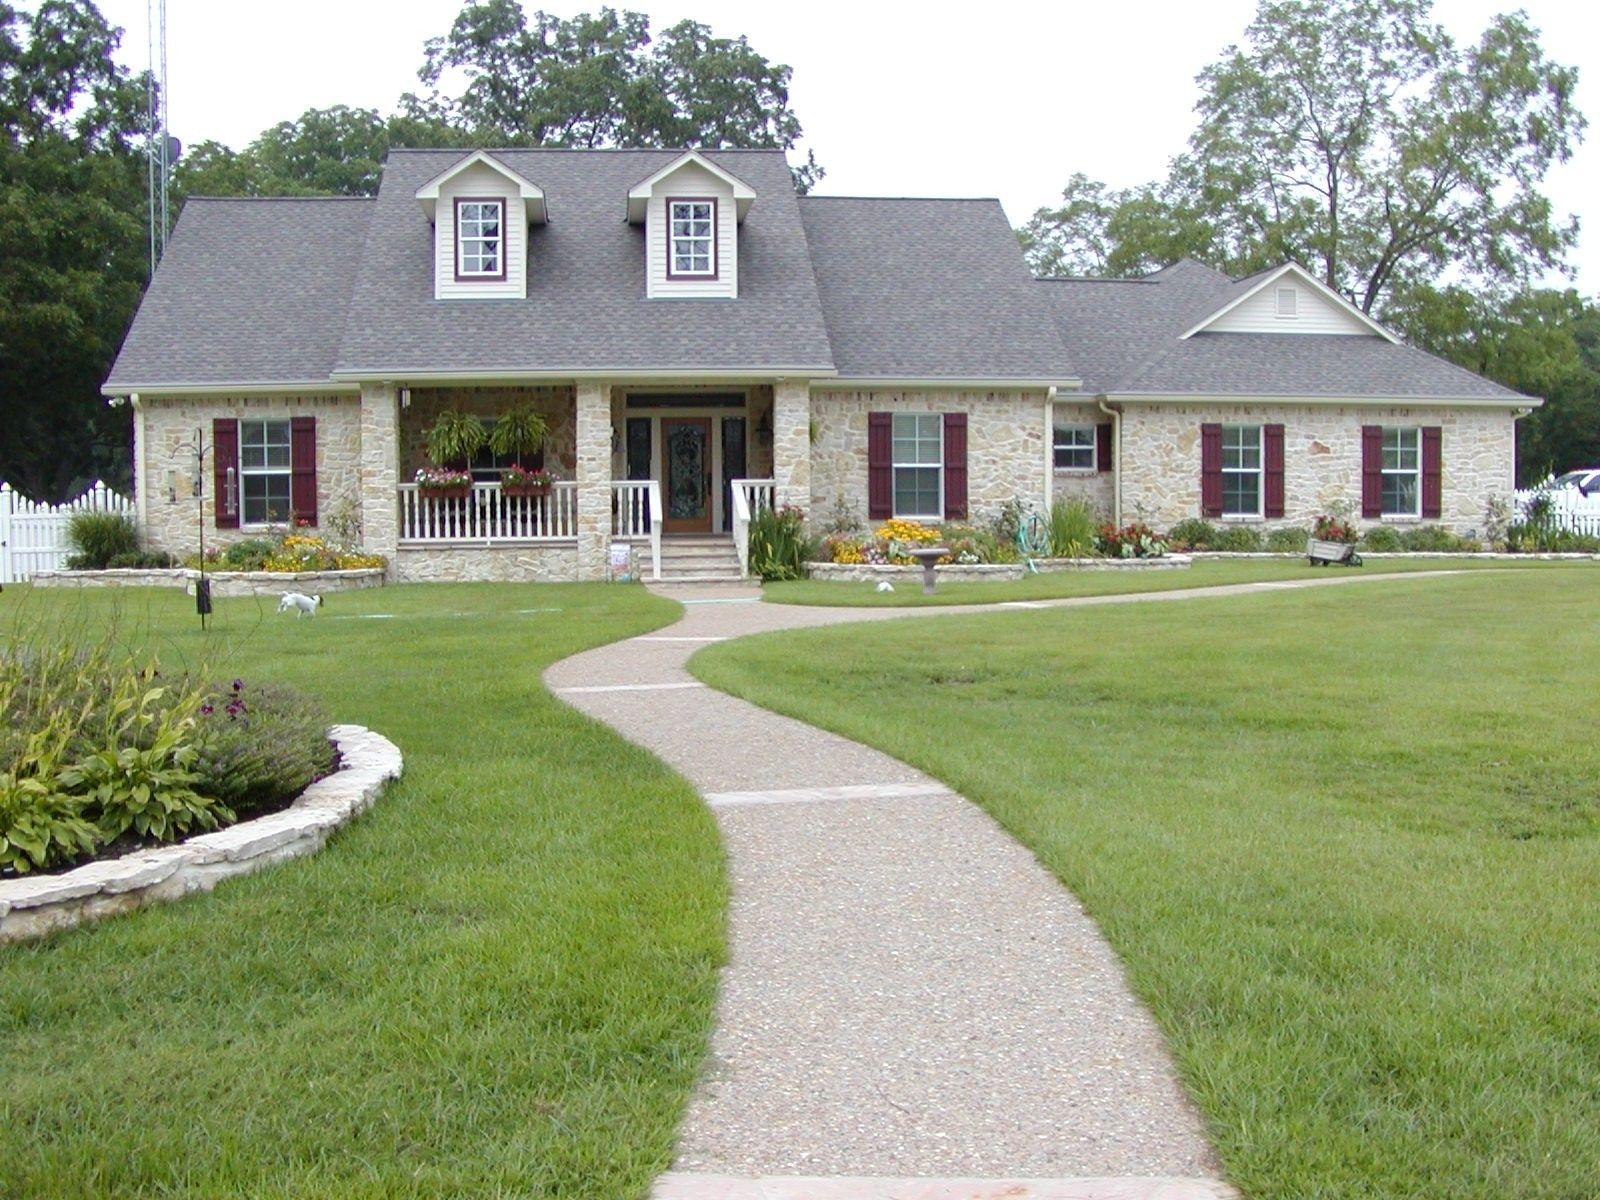 austin stone home plans home floor plans house trim colors